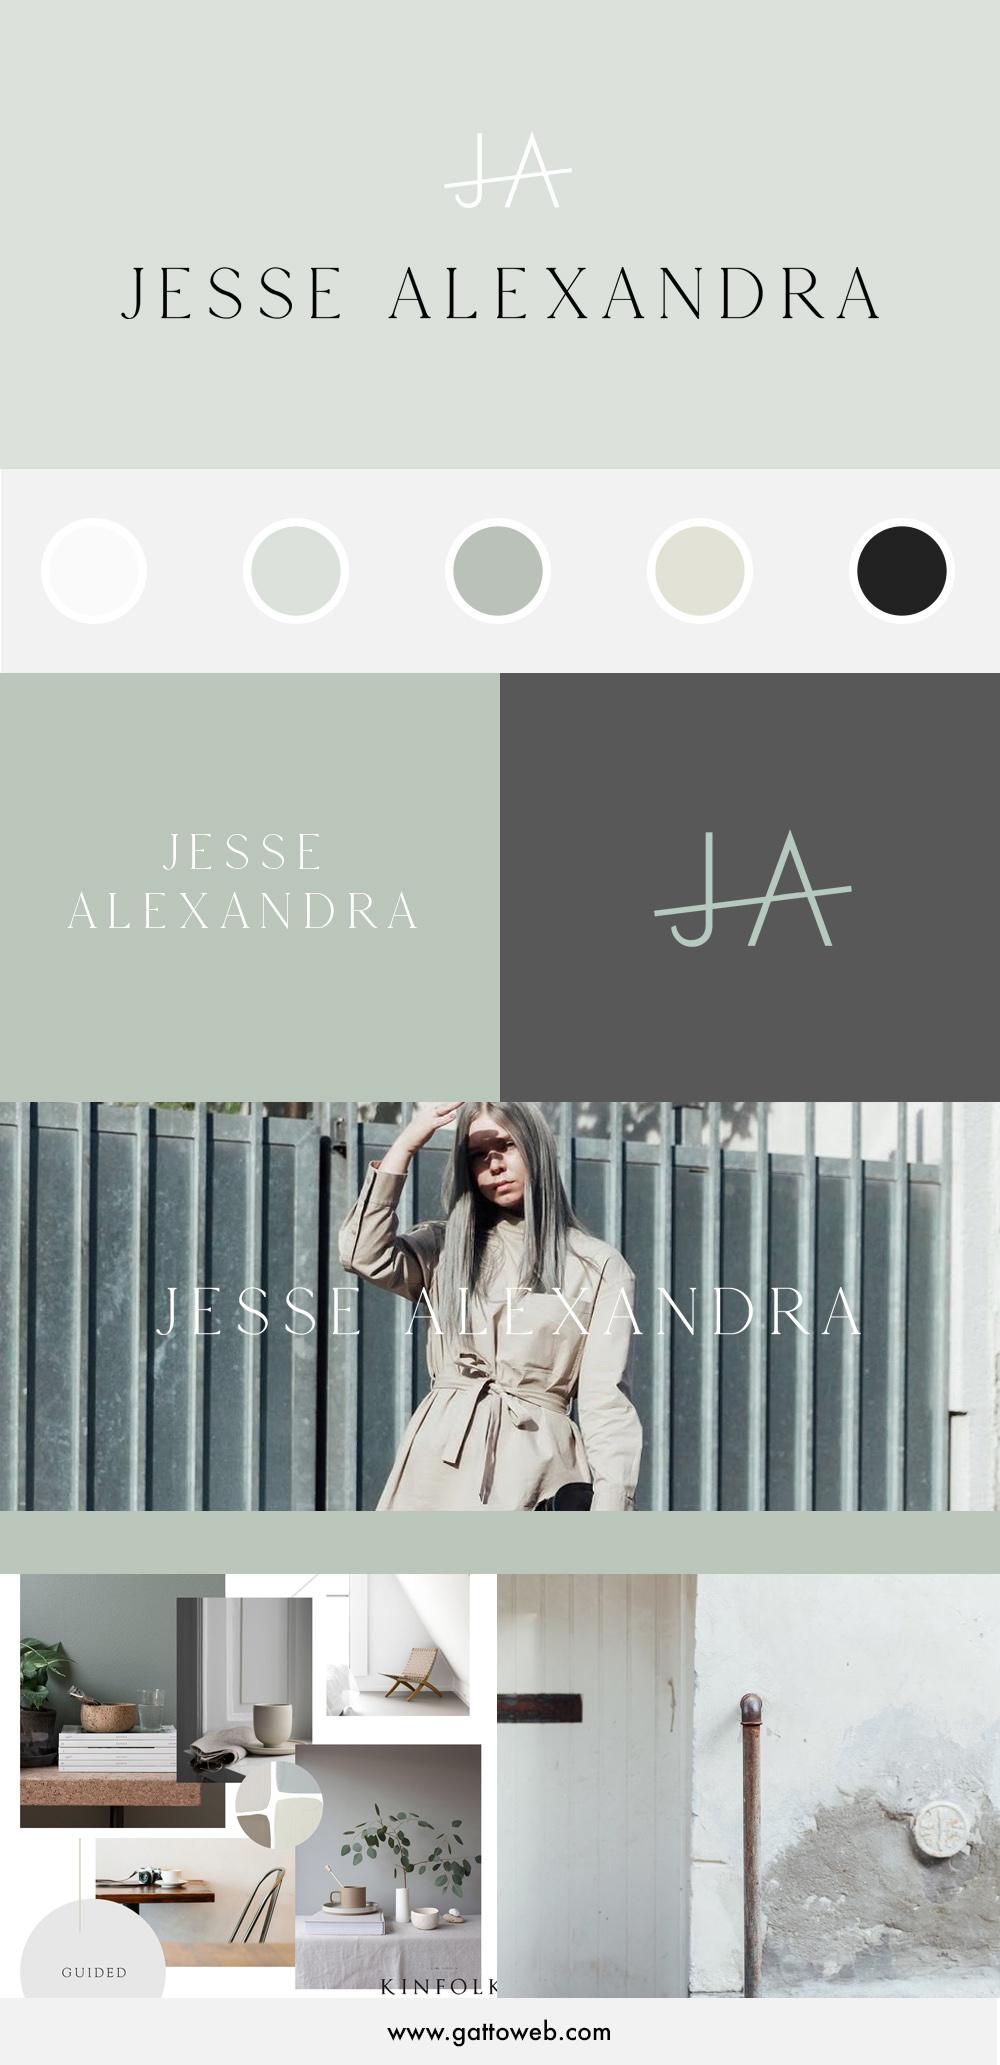 Jesse-Alexandra-Branding-Showcase.jpg